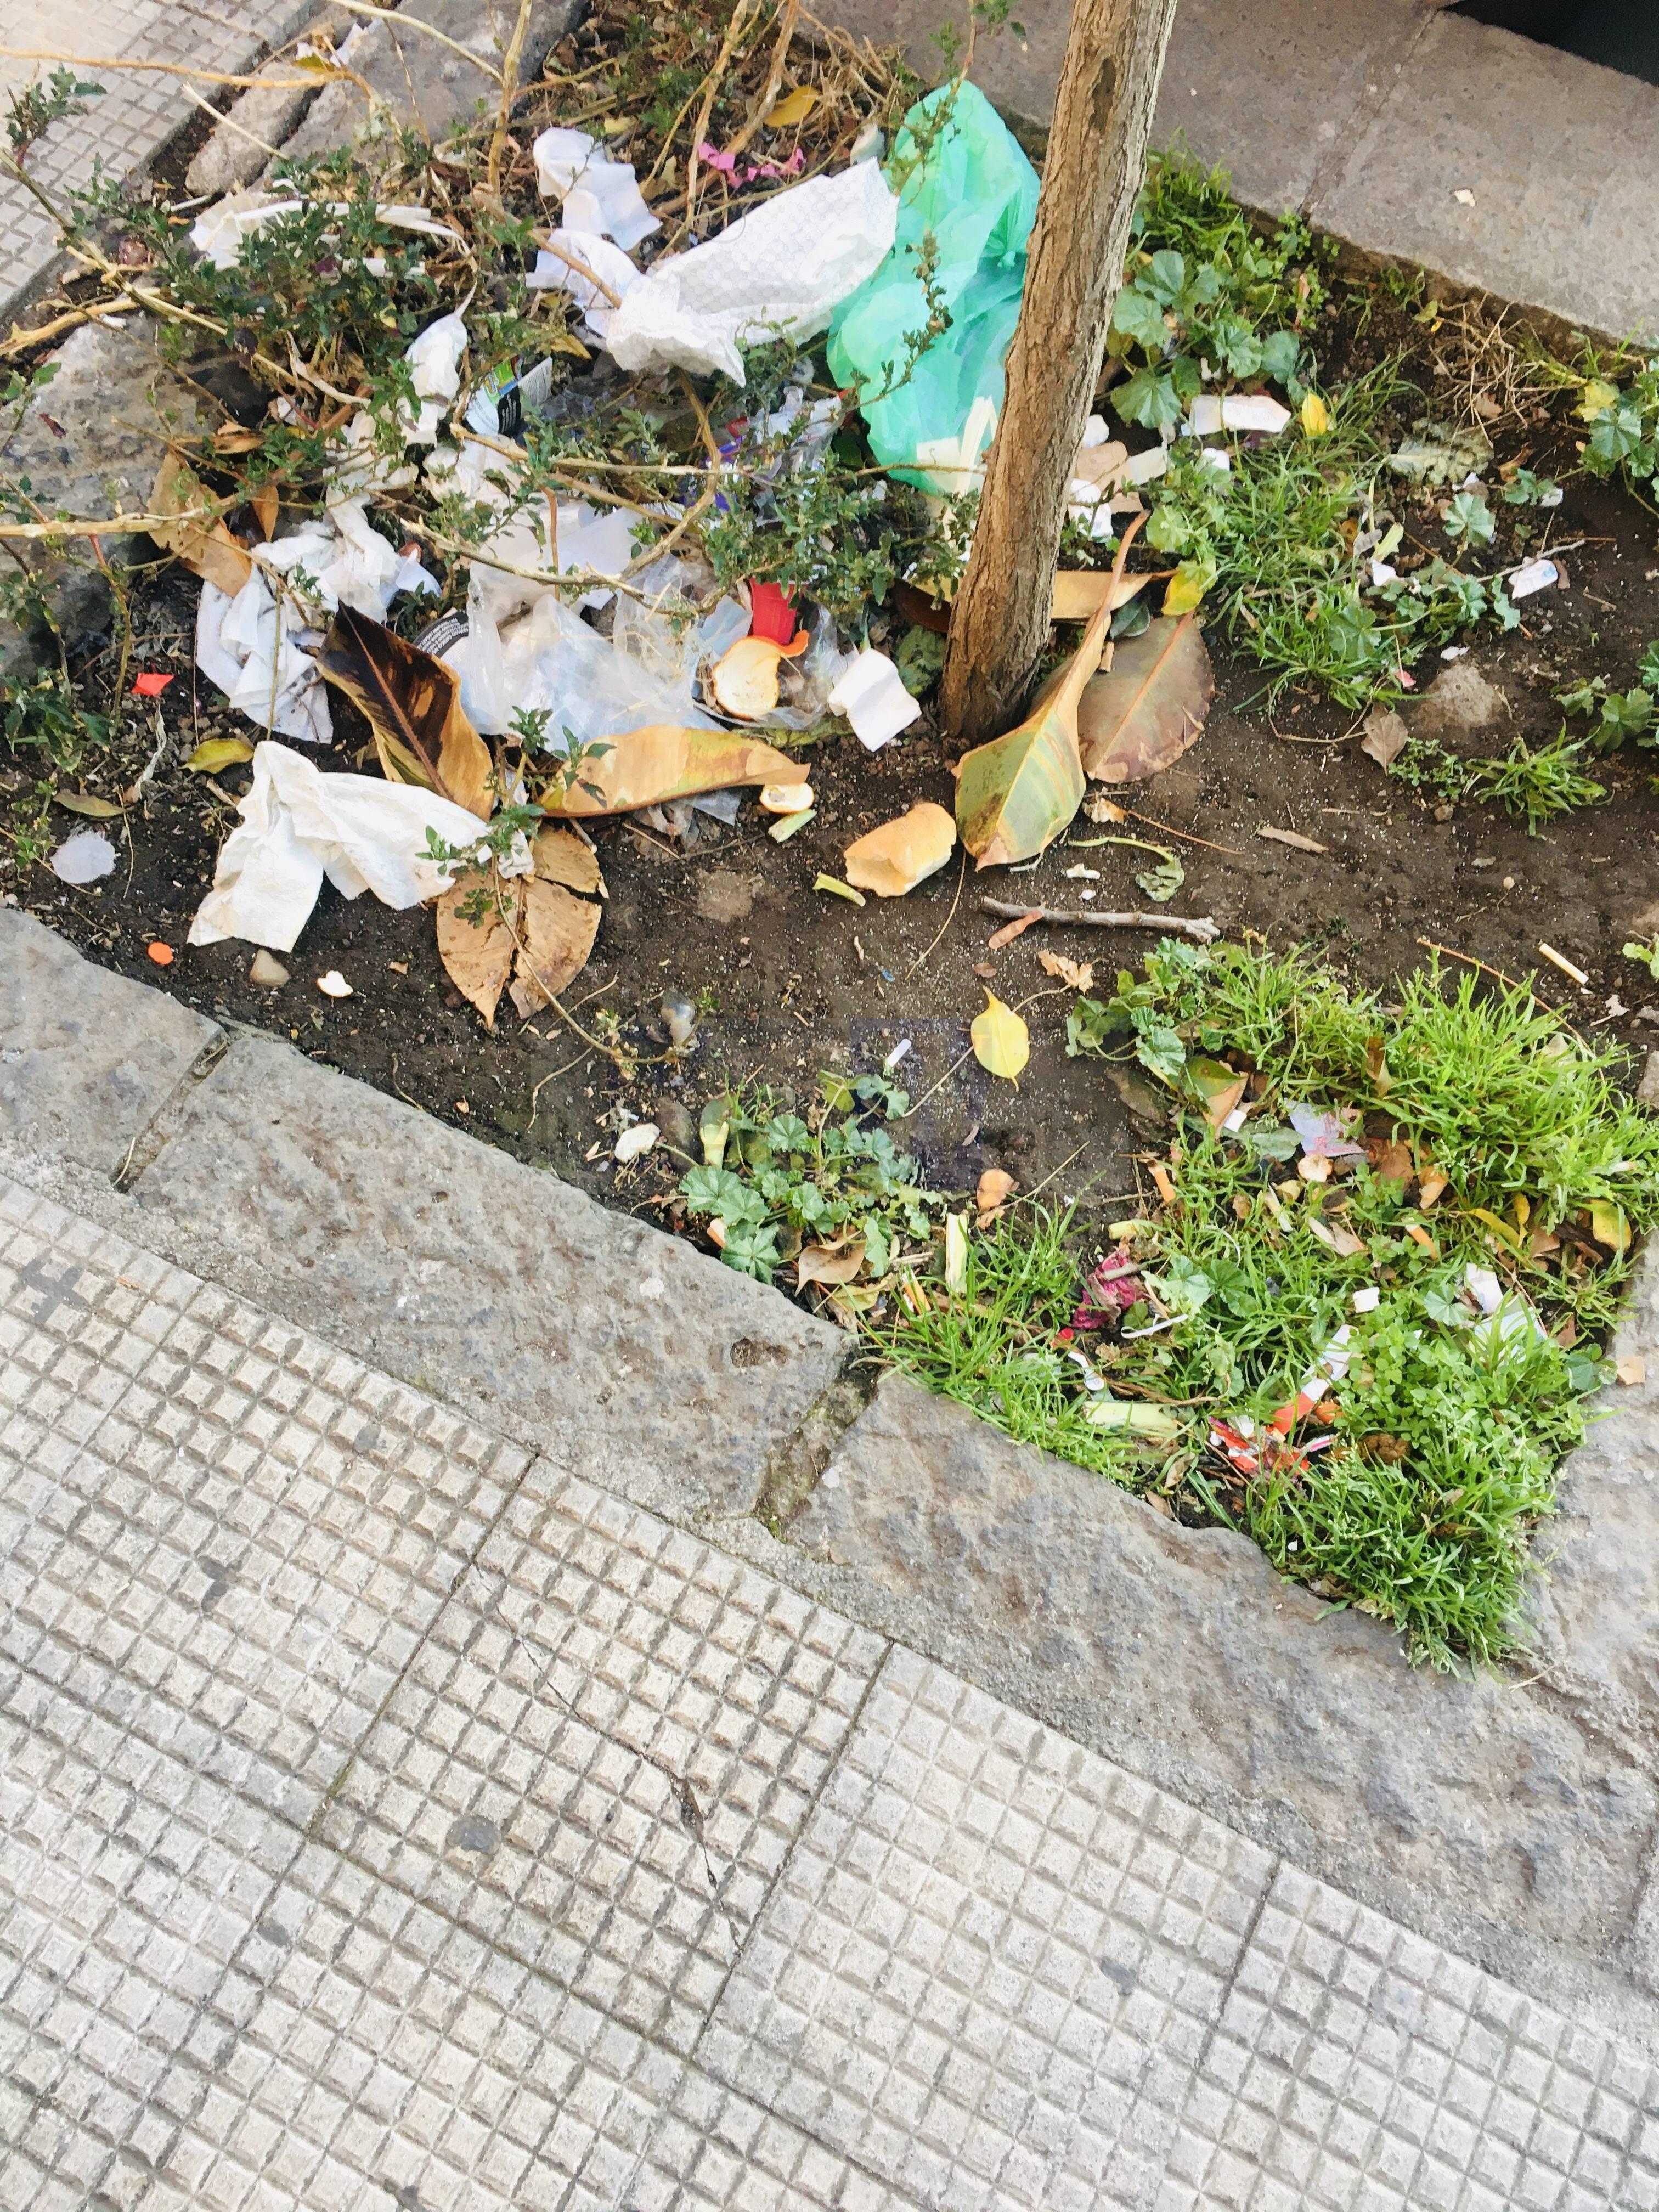 """Bando rifiuti e gare deserte a Catania. Cgil, Cisl e Ugl propongono la creazione di un """"Gruppo di lavoro per la legalità, il decoro cittadino e l'igiene pubblica"""